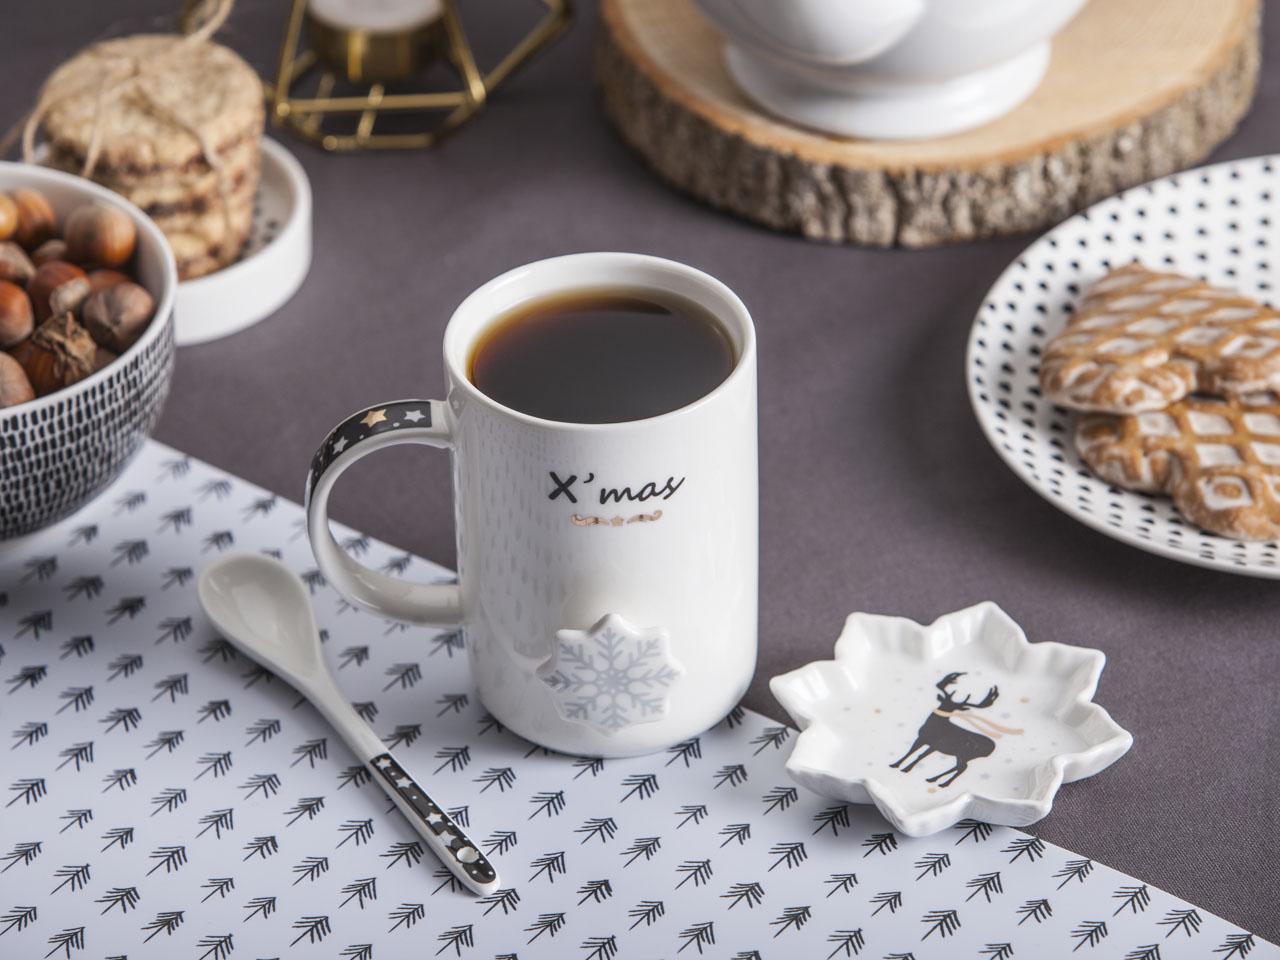 Kubek do kawy i herbaty porcelanowy z łyżeczką i podstawką święta Boże Narodzenie Altom Design Nordic Winter dek. Renifer 360 ml